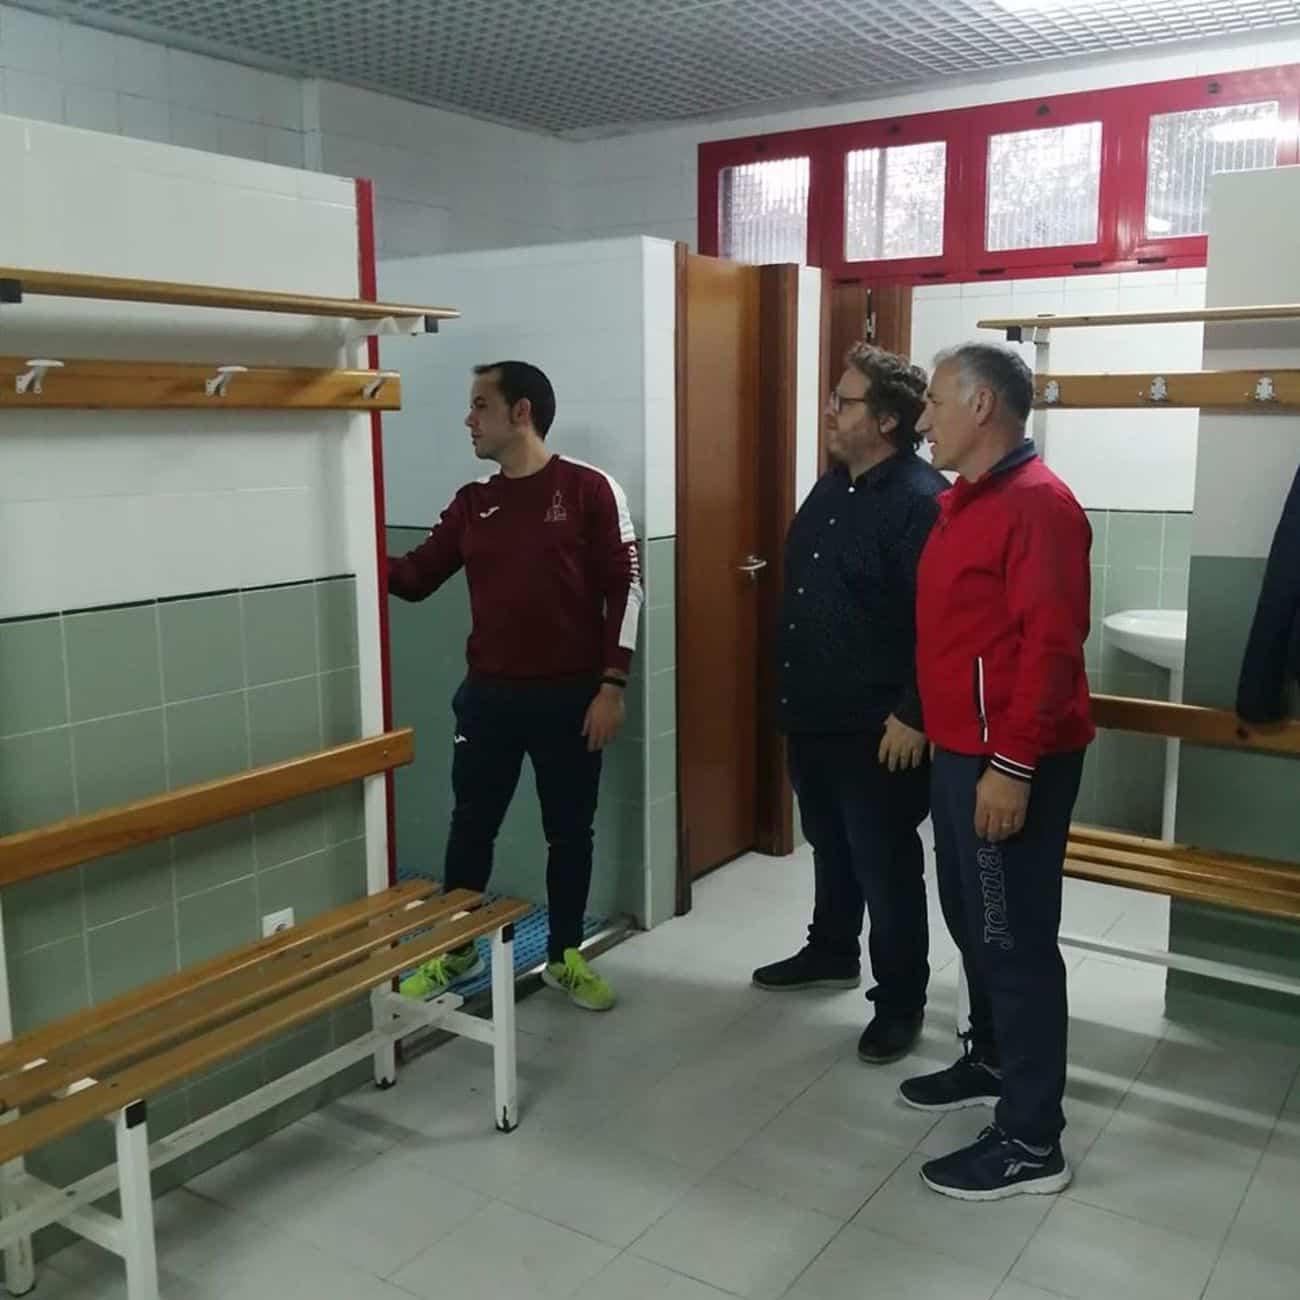 mejoras campo futbol herencia 7 - Mejoras en las instalaciones del campo de fútbol de Herencia